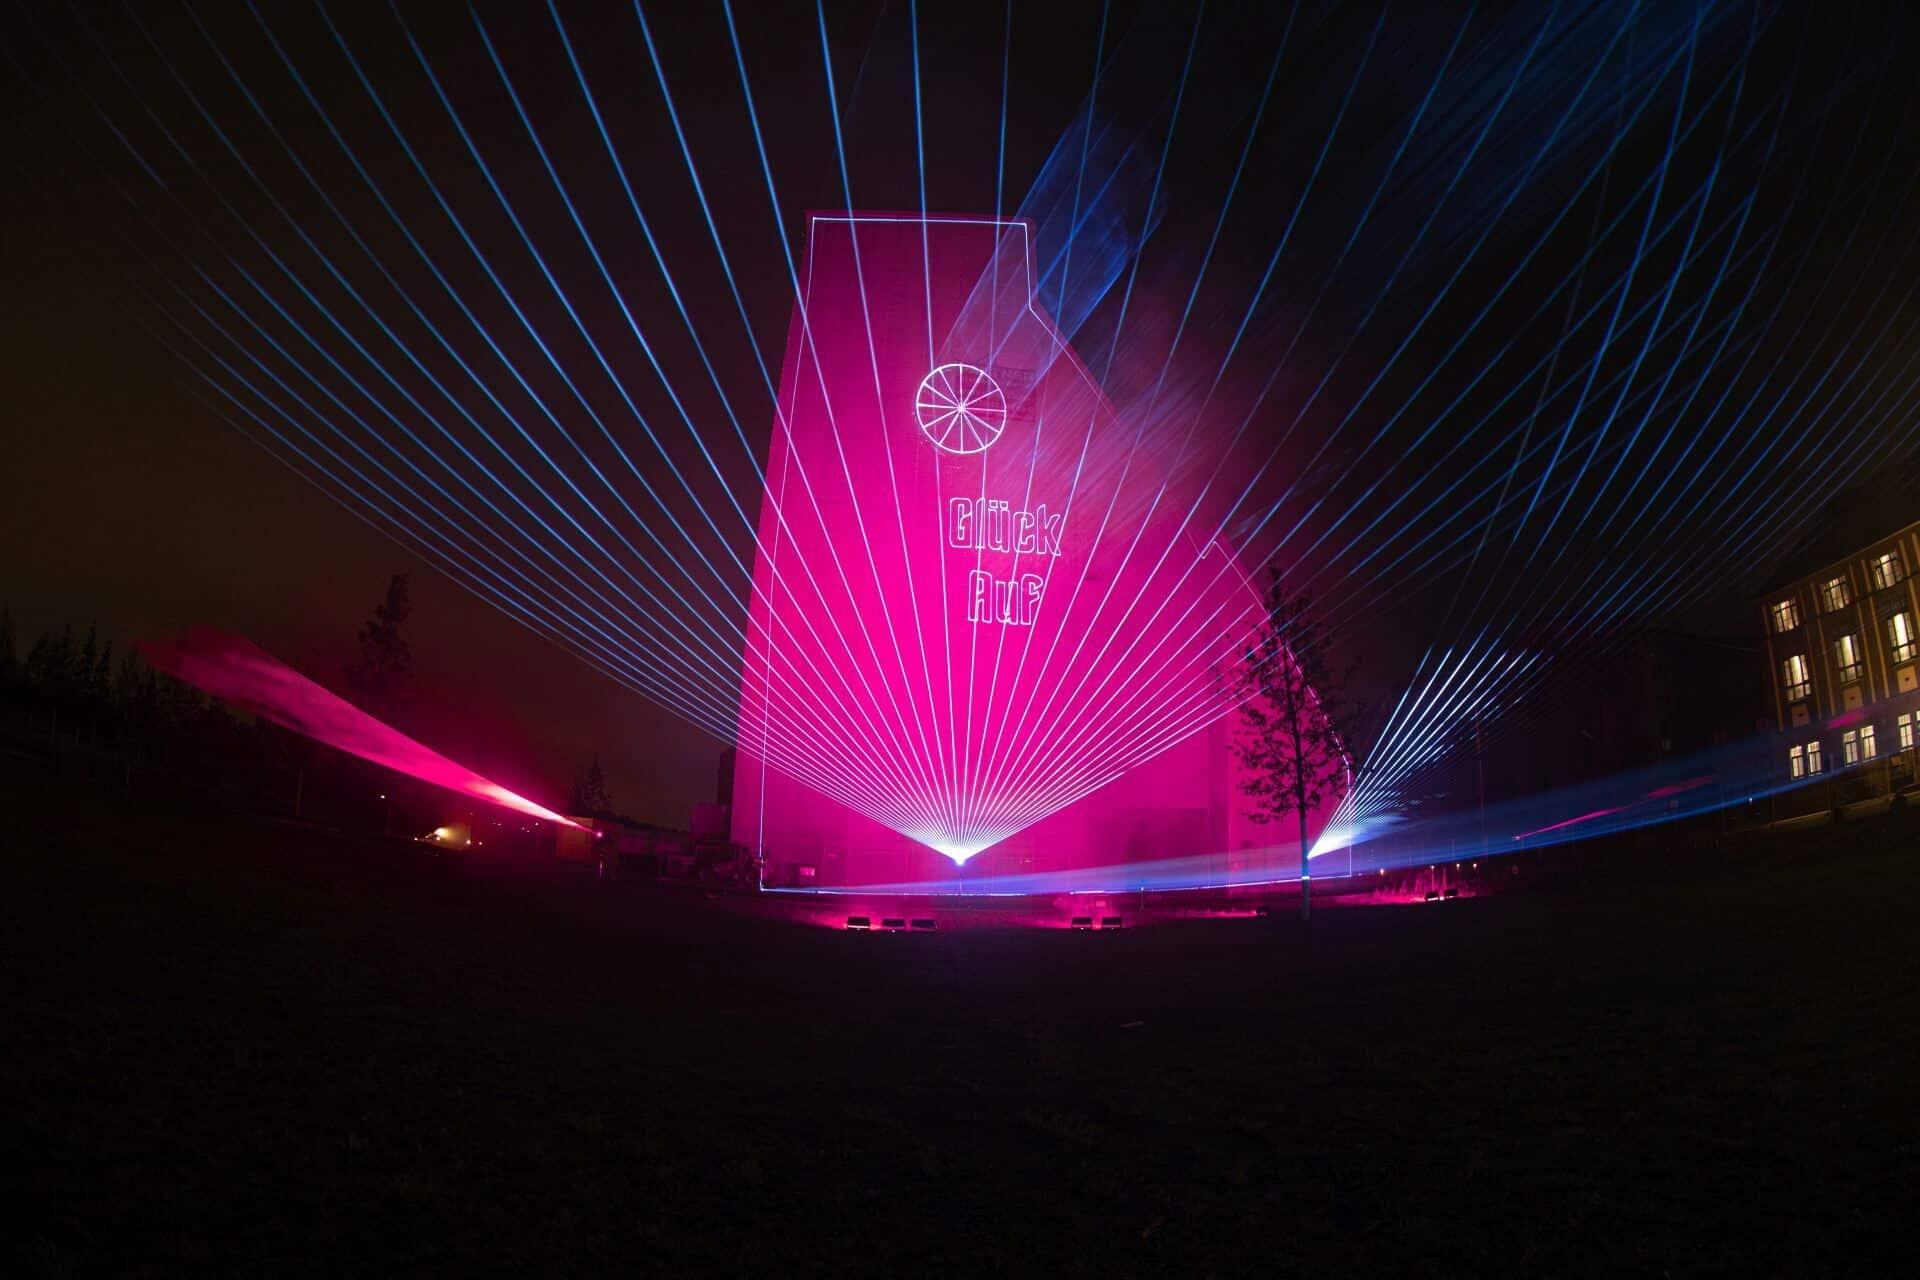 Lasershow mit Grafiken auf Förderturm in Kamp-Lintfort